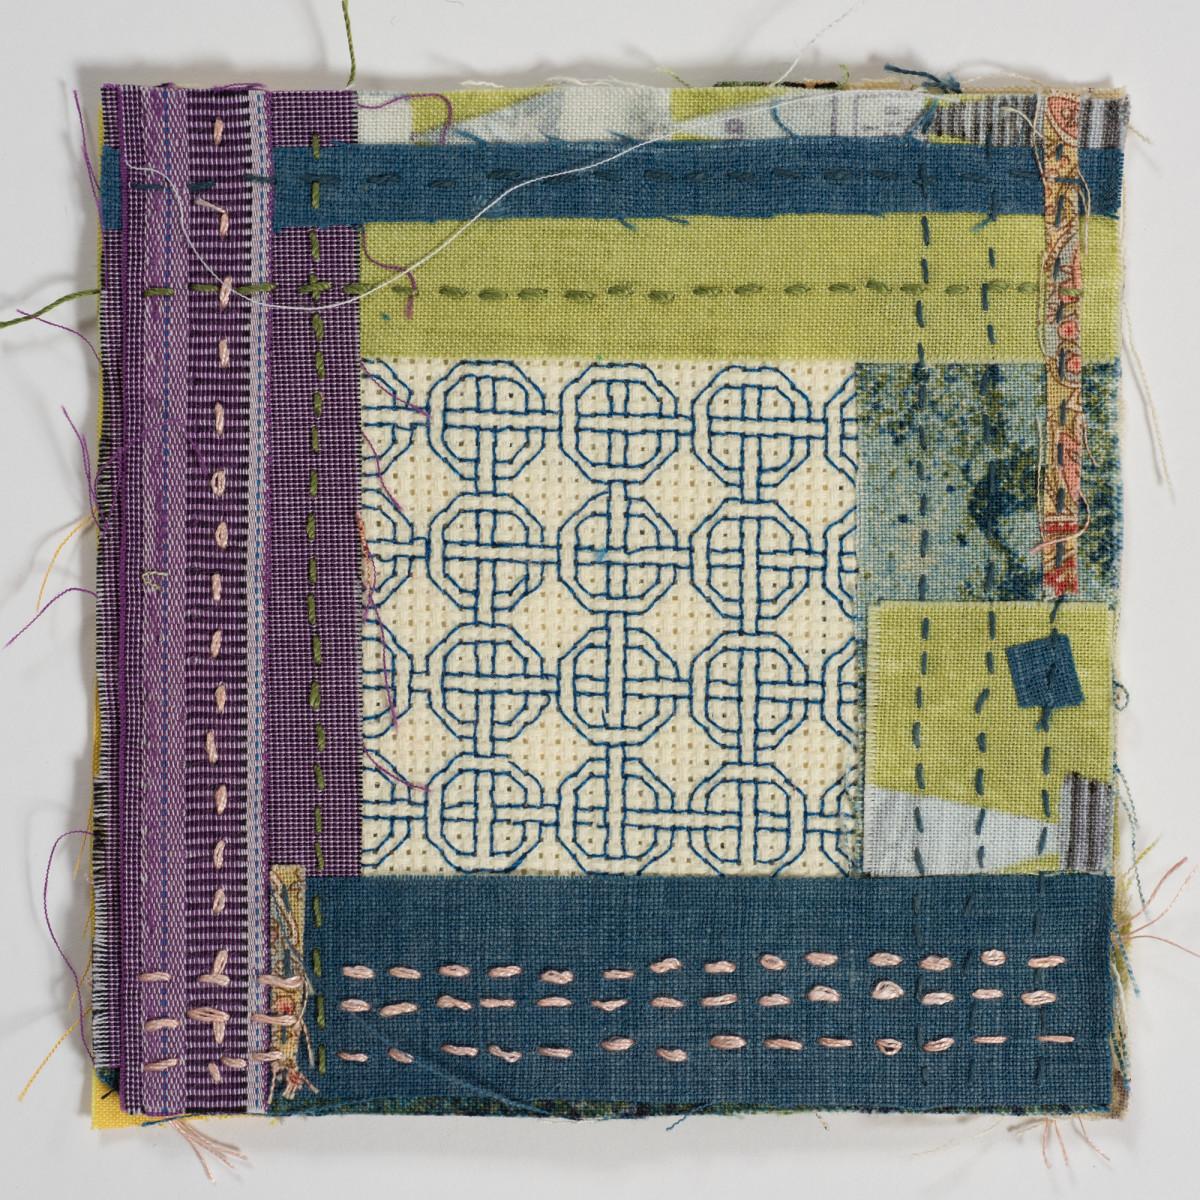 Land Parcel 7 by Helen Fraser